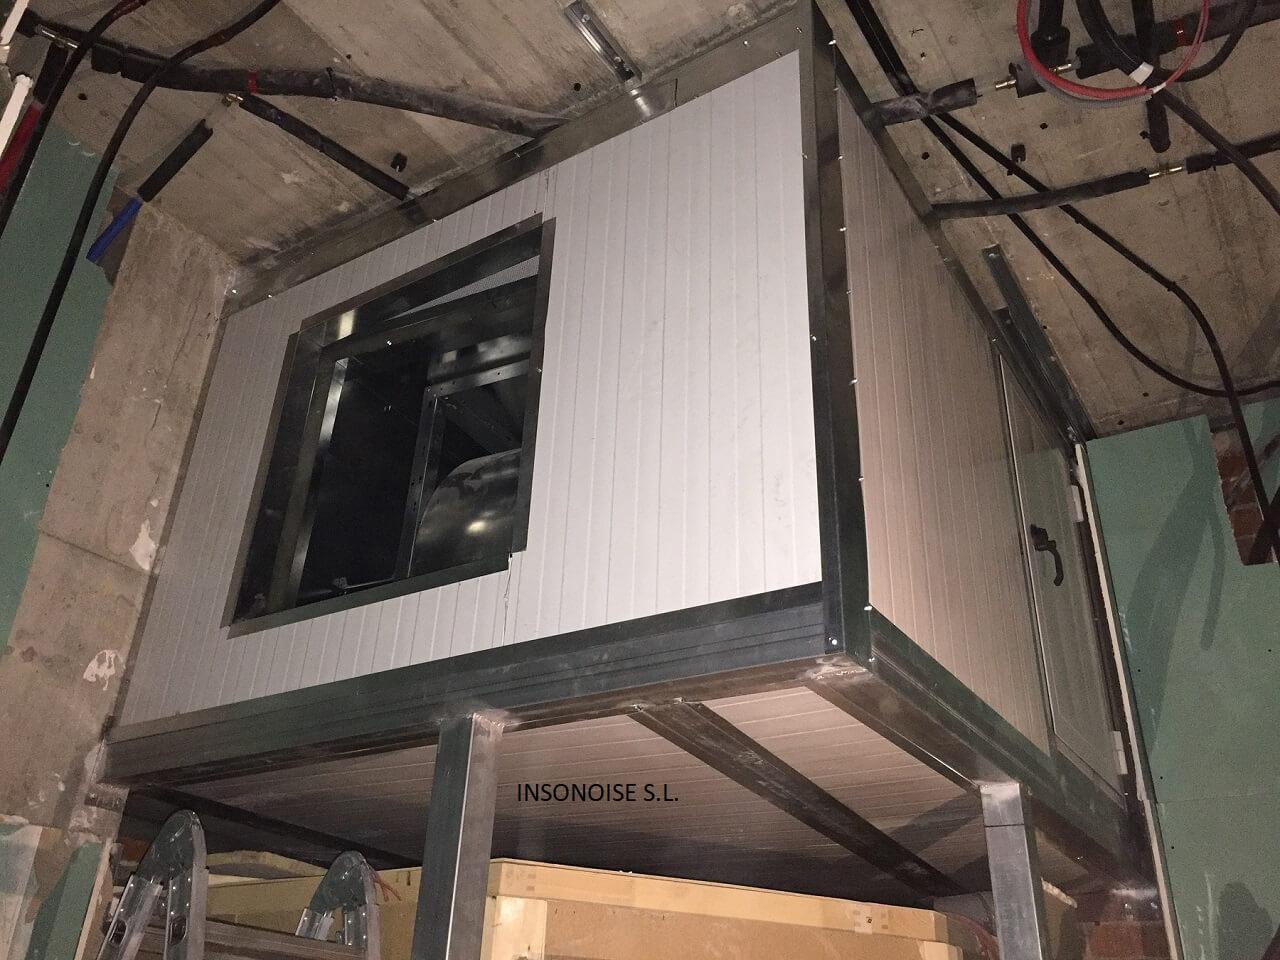 Instalación de cabinas insonorizadas en Gerona